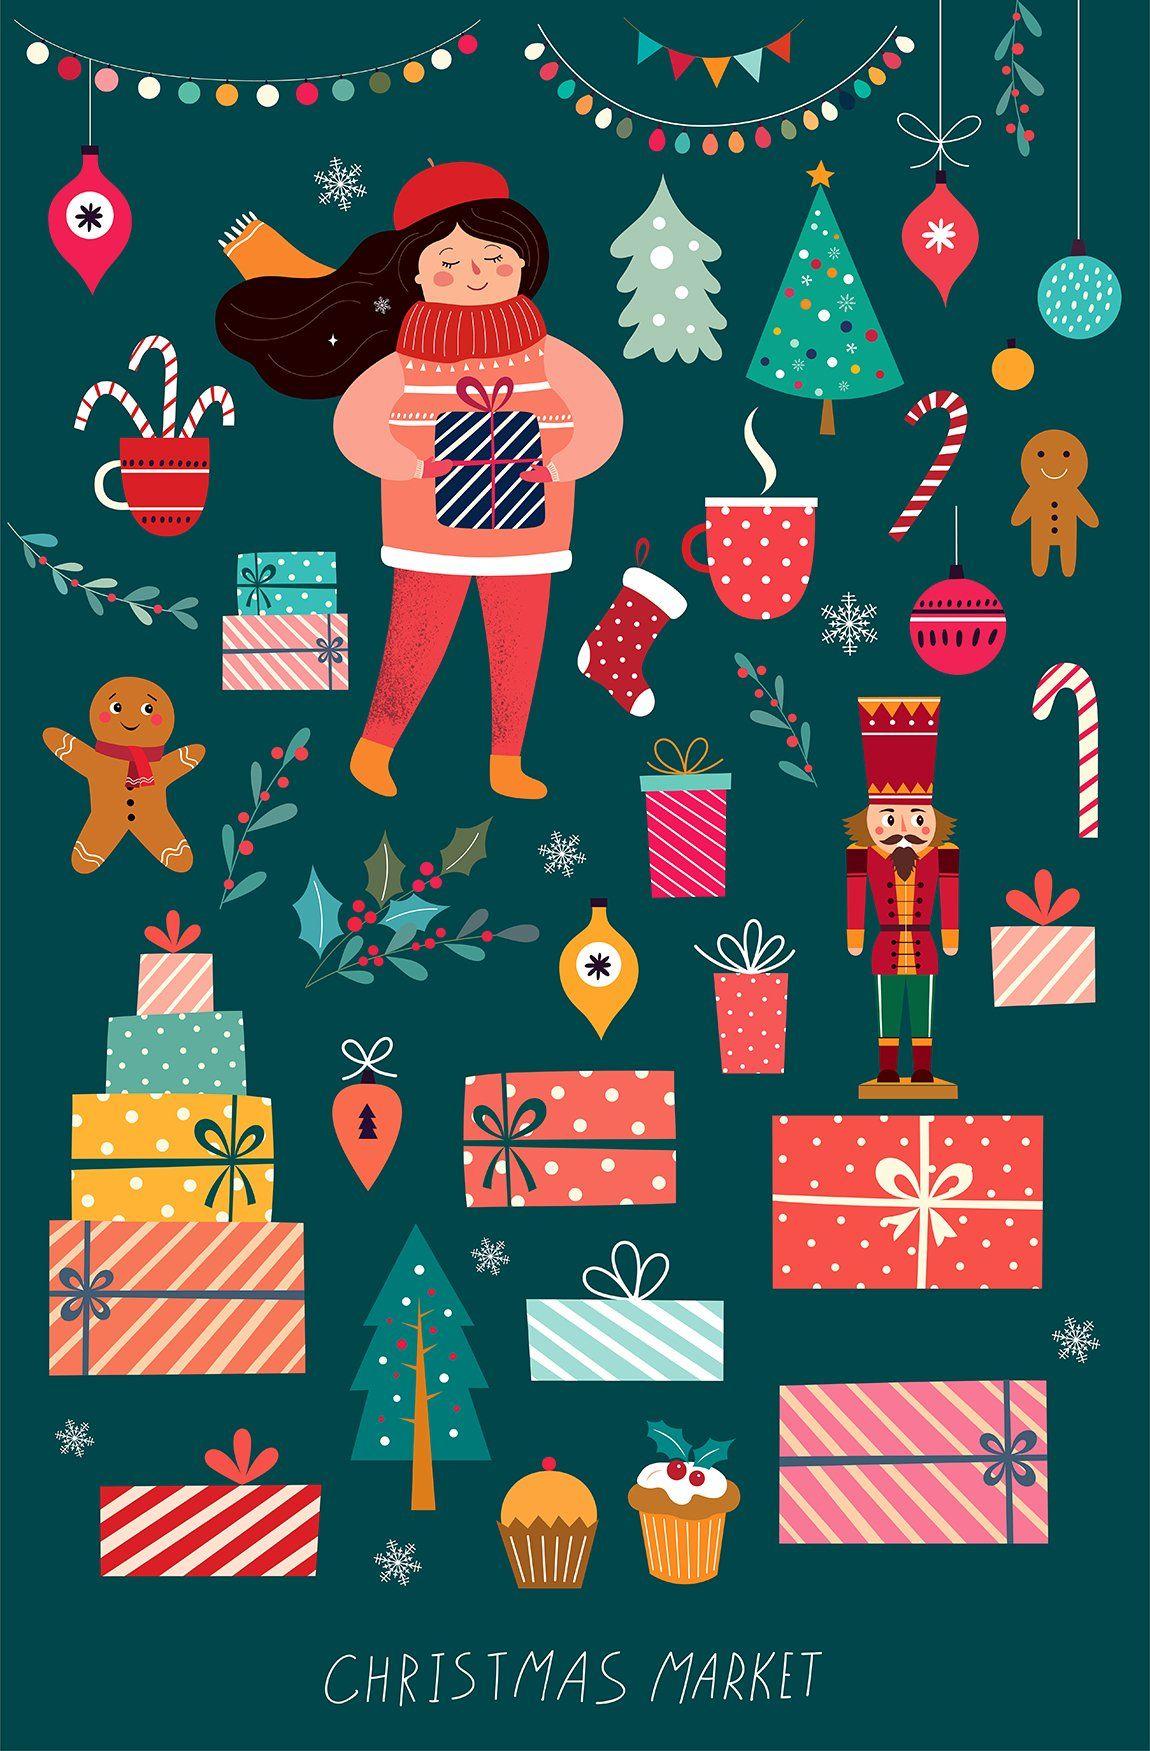 Vintage Christmas Collection Christmas Graphic Design Christmas Illustration Christmas Graphics